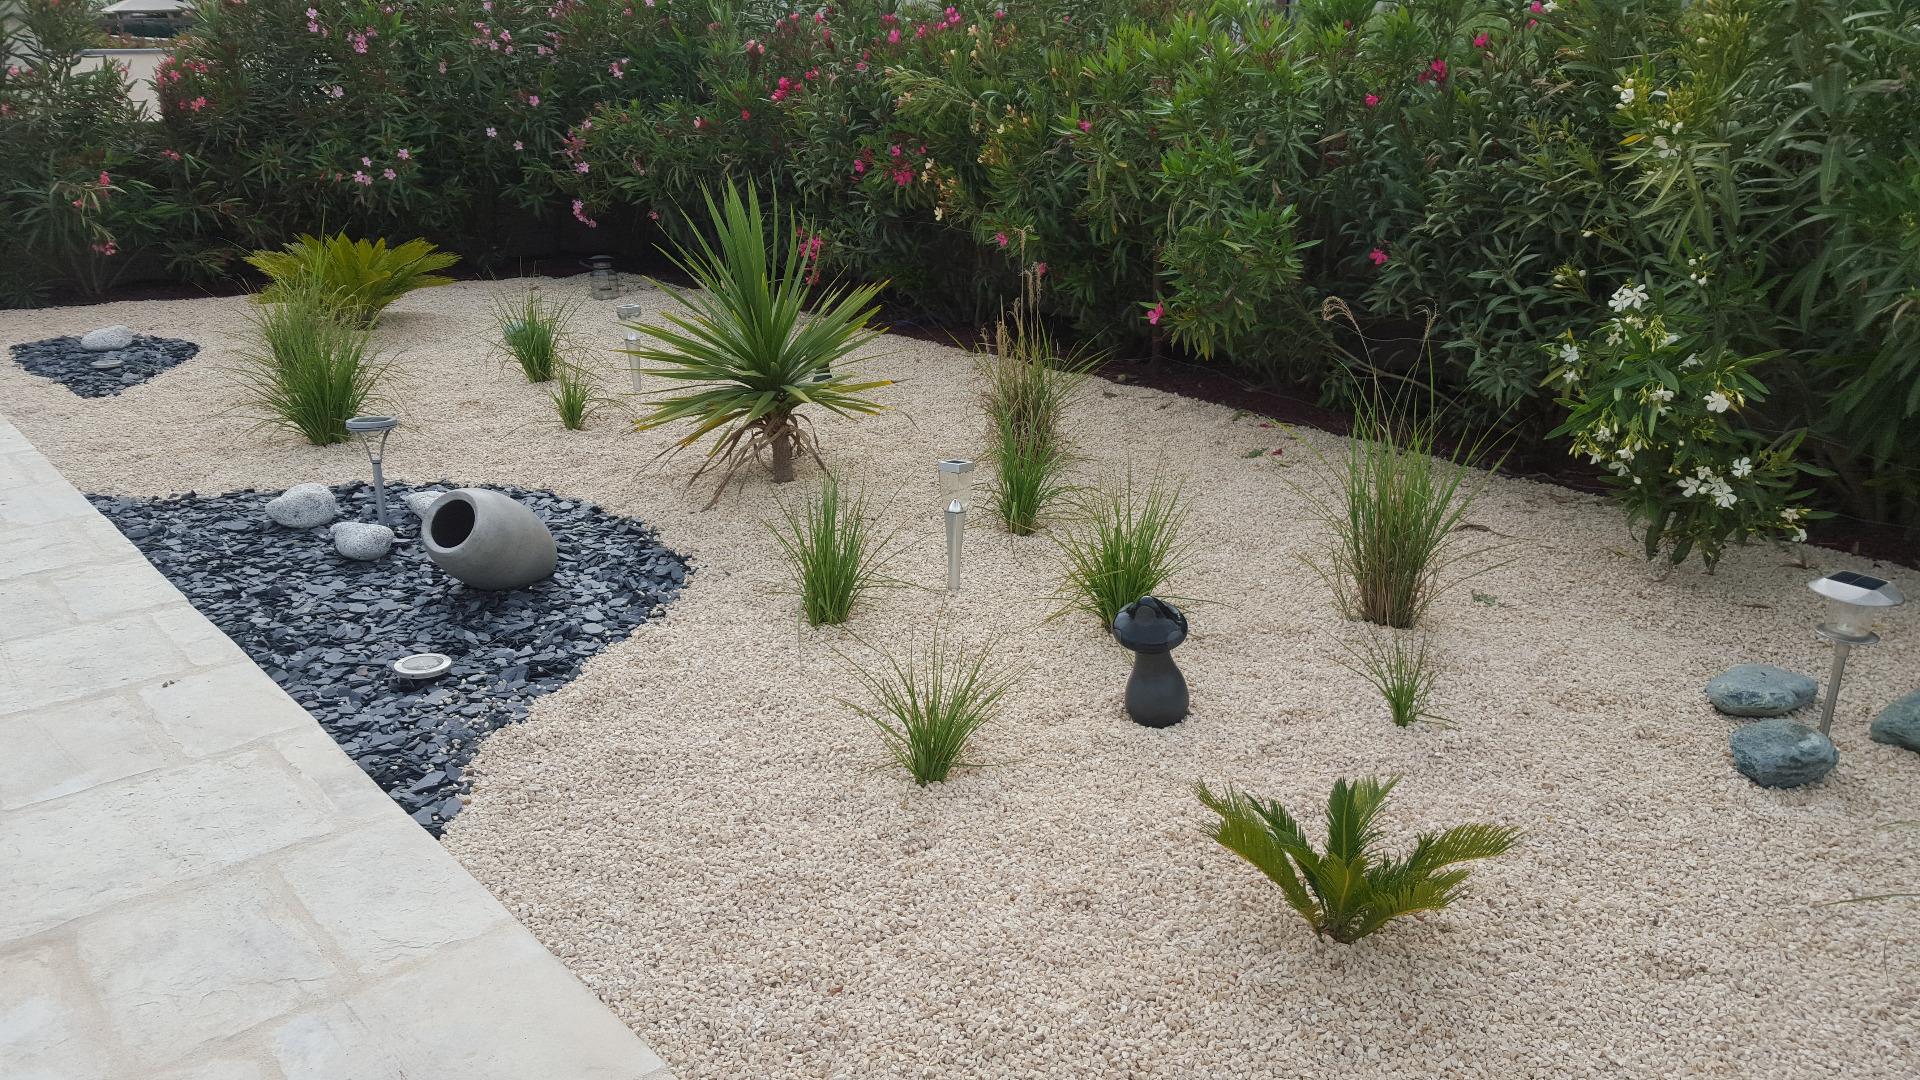 Création D'un Jardin Sec: Un Beau Jardin Avec Peu D'entretien. encequiconcerne Creer Un Jardin Sec